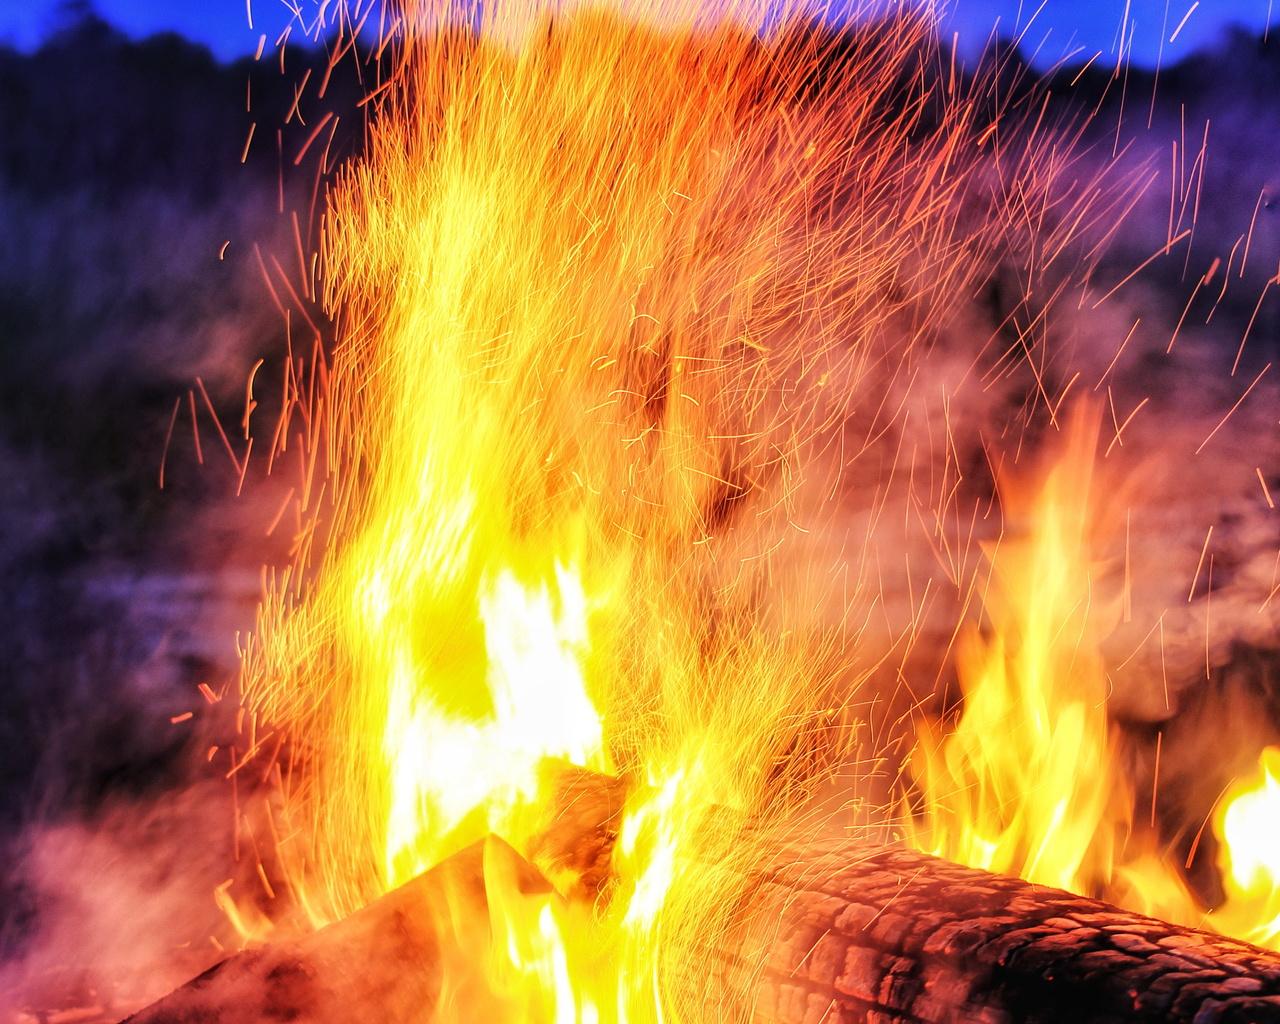 идут картинки пламя огонек искра изготовления пиломатериалов